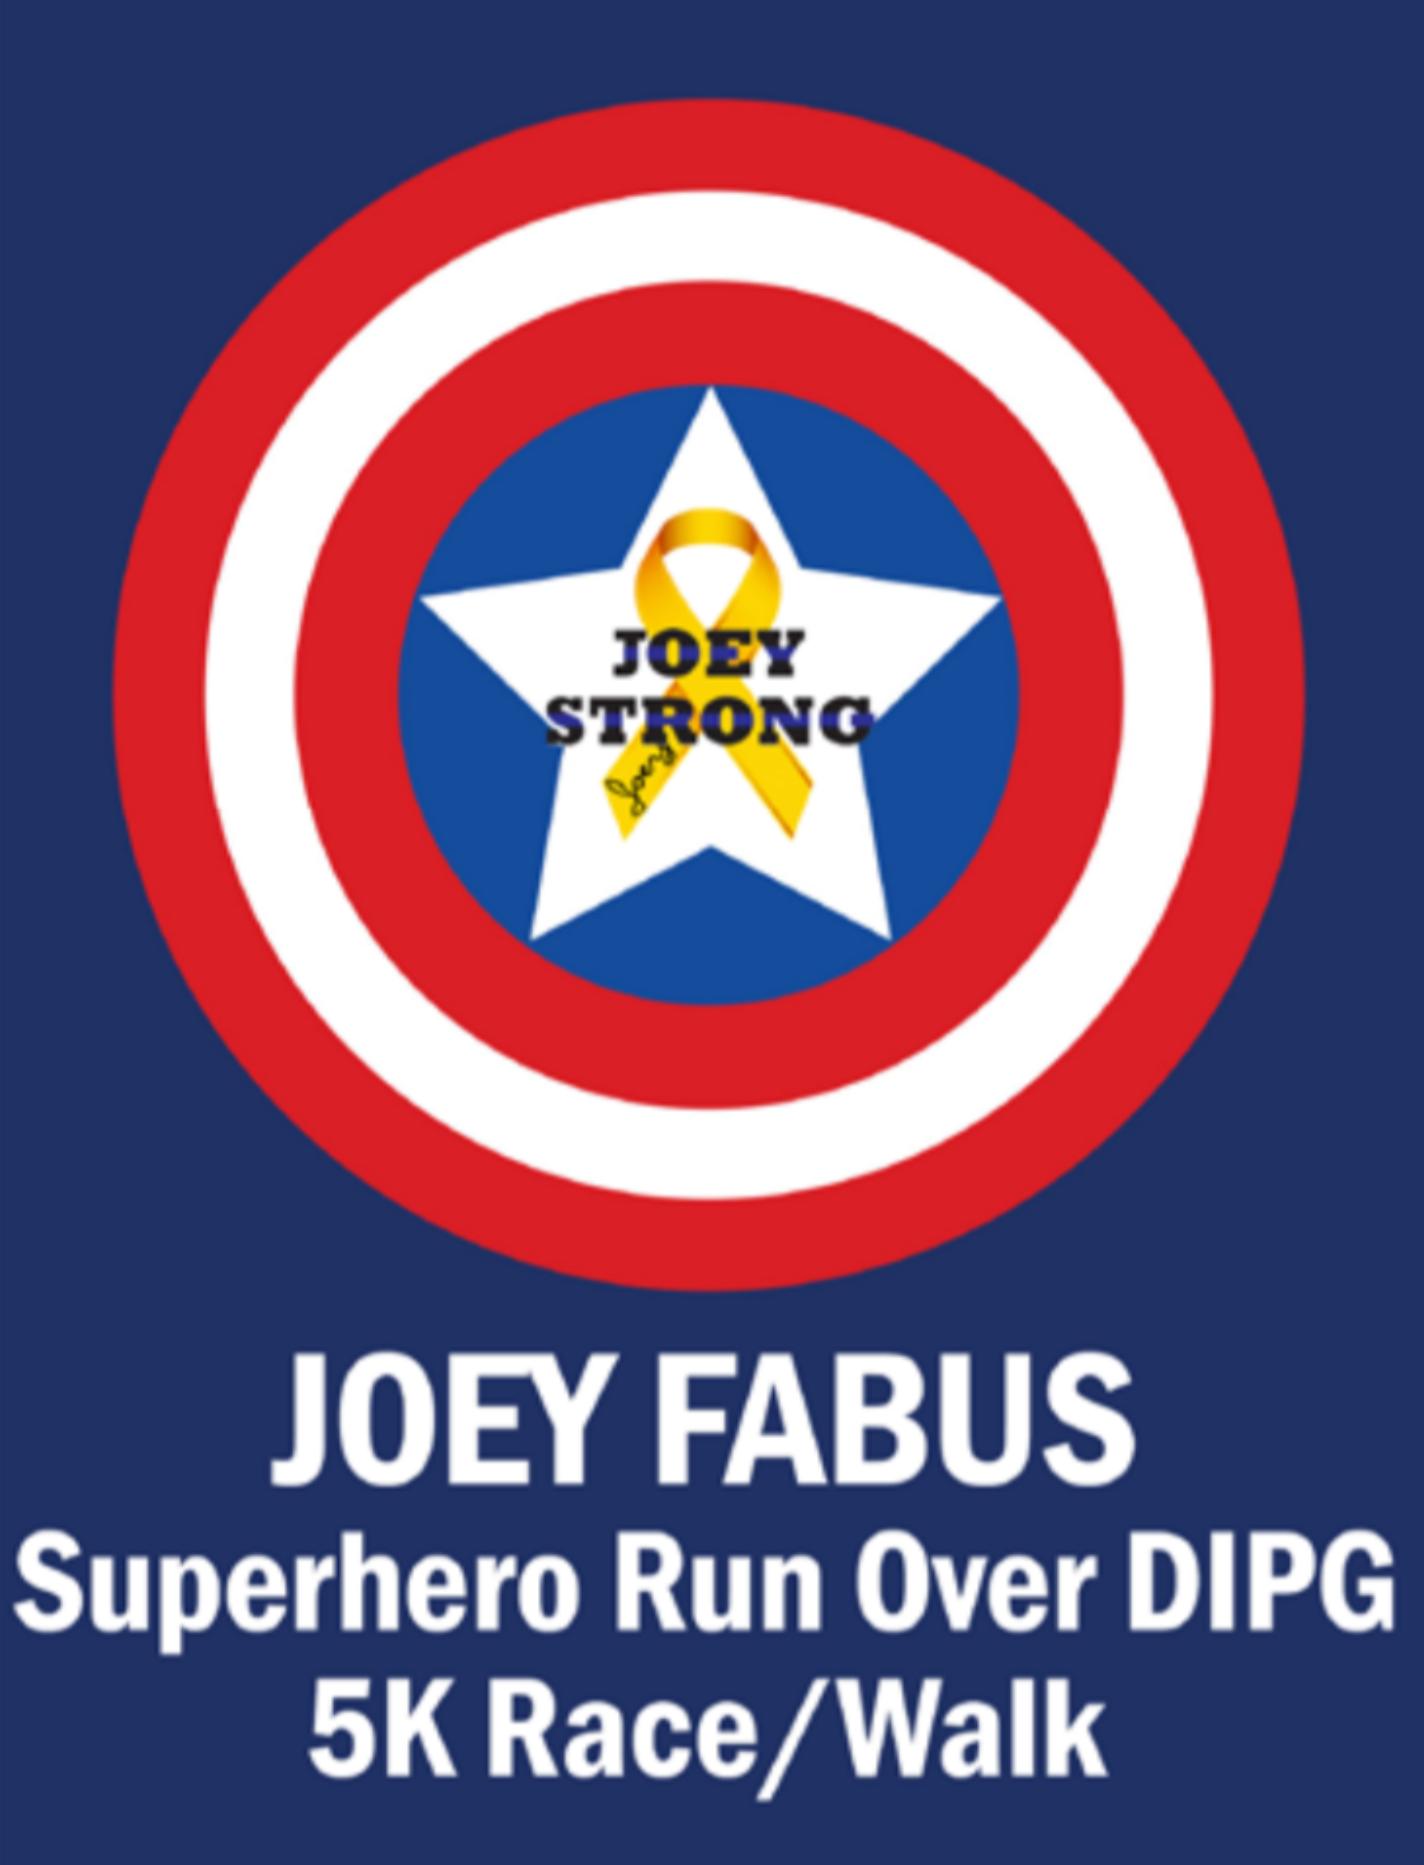 Joey Fabus Super Hero 5k Run Walk Over Dipg